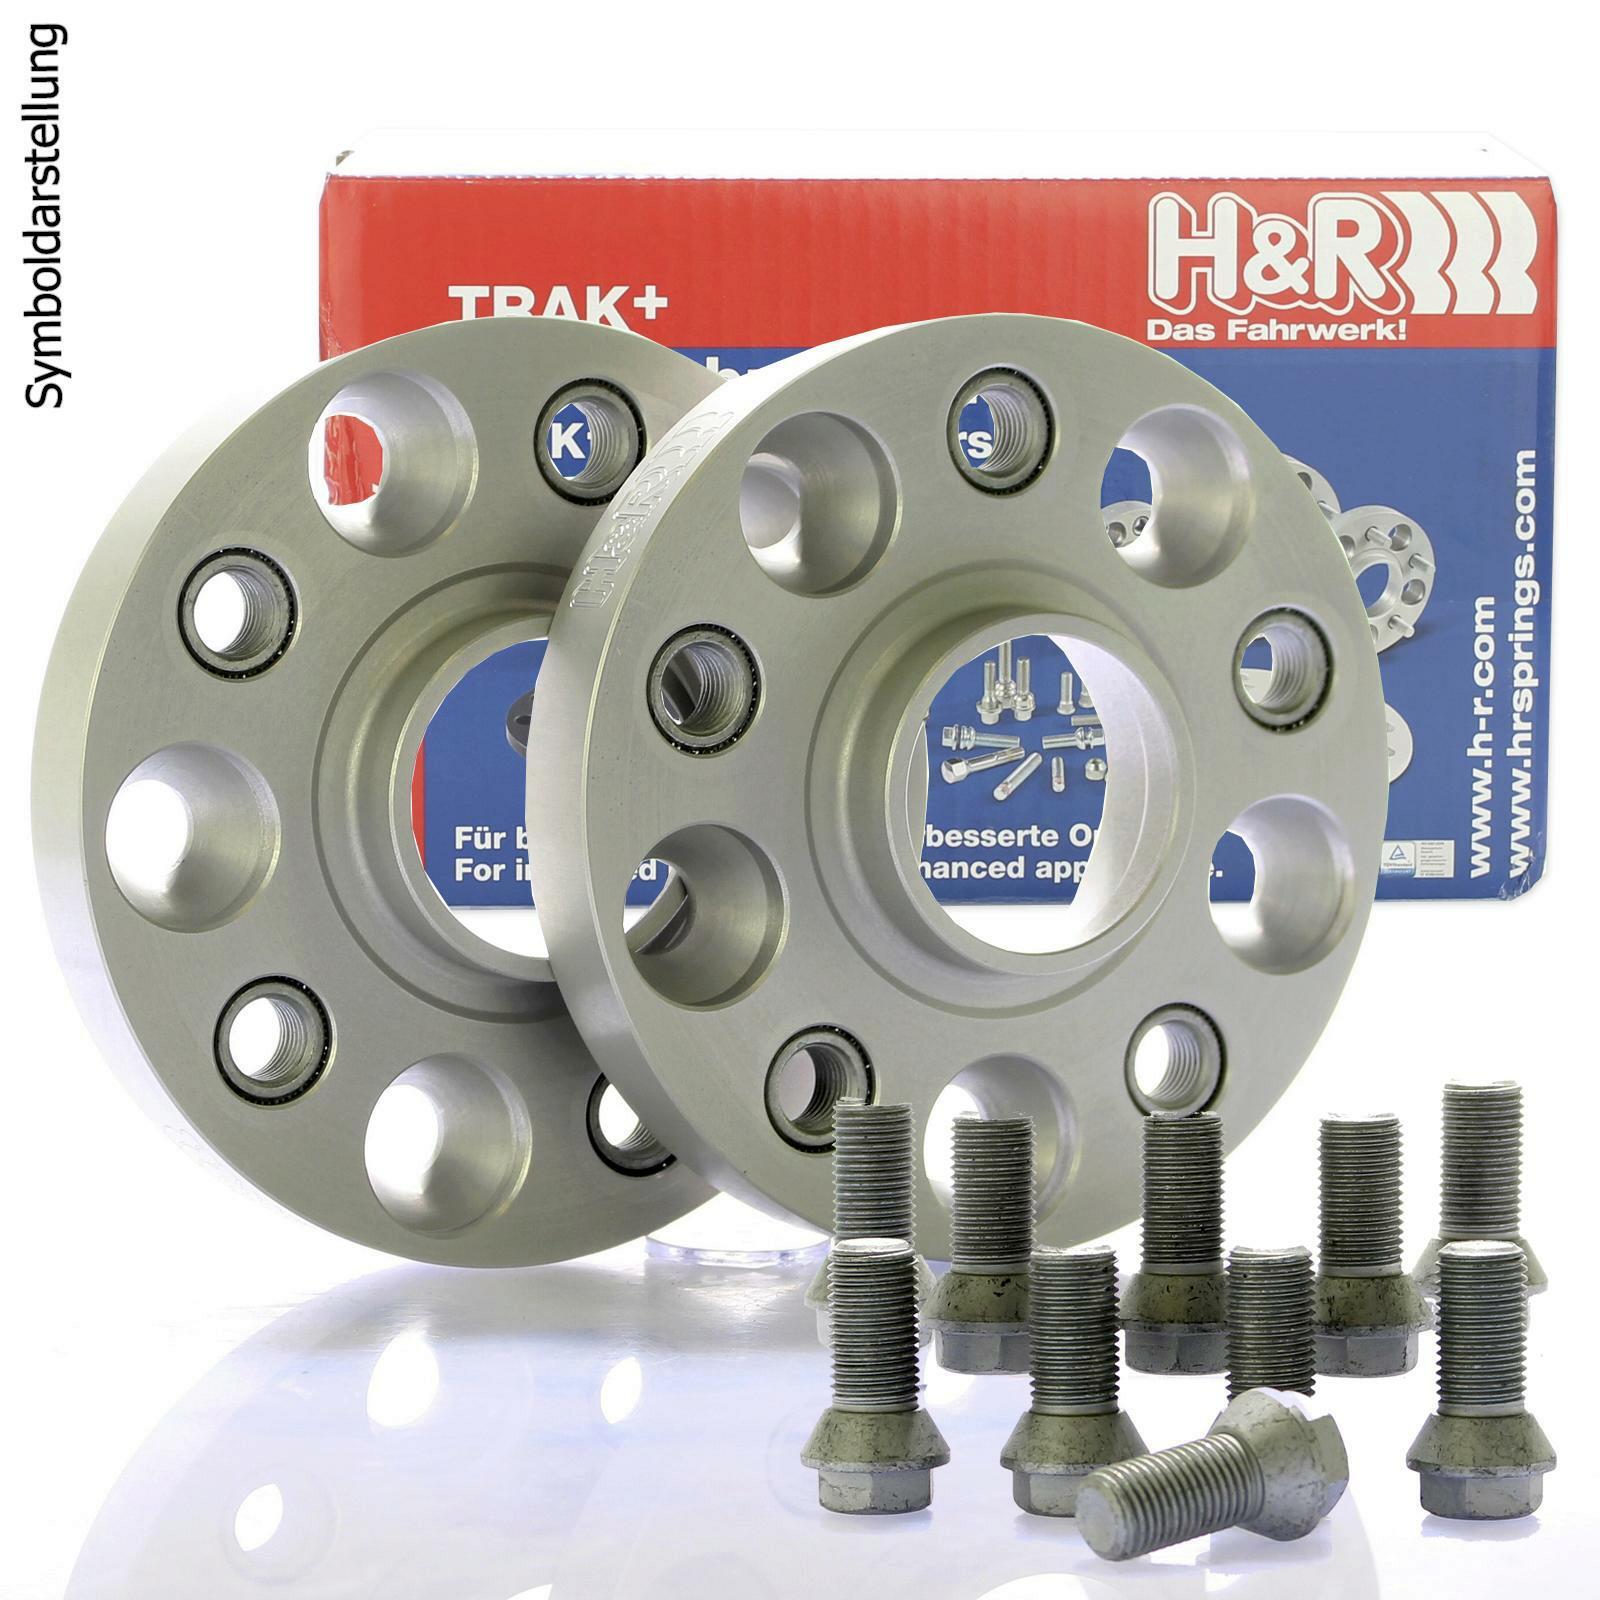 H&R DRA Spurplatten Spurverbreiterung 5x112 40mm // 2x20mm // mit TÜV Gutachten